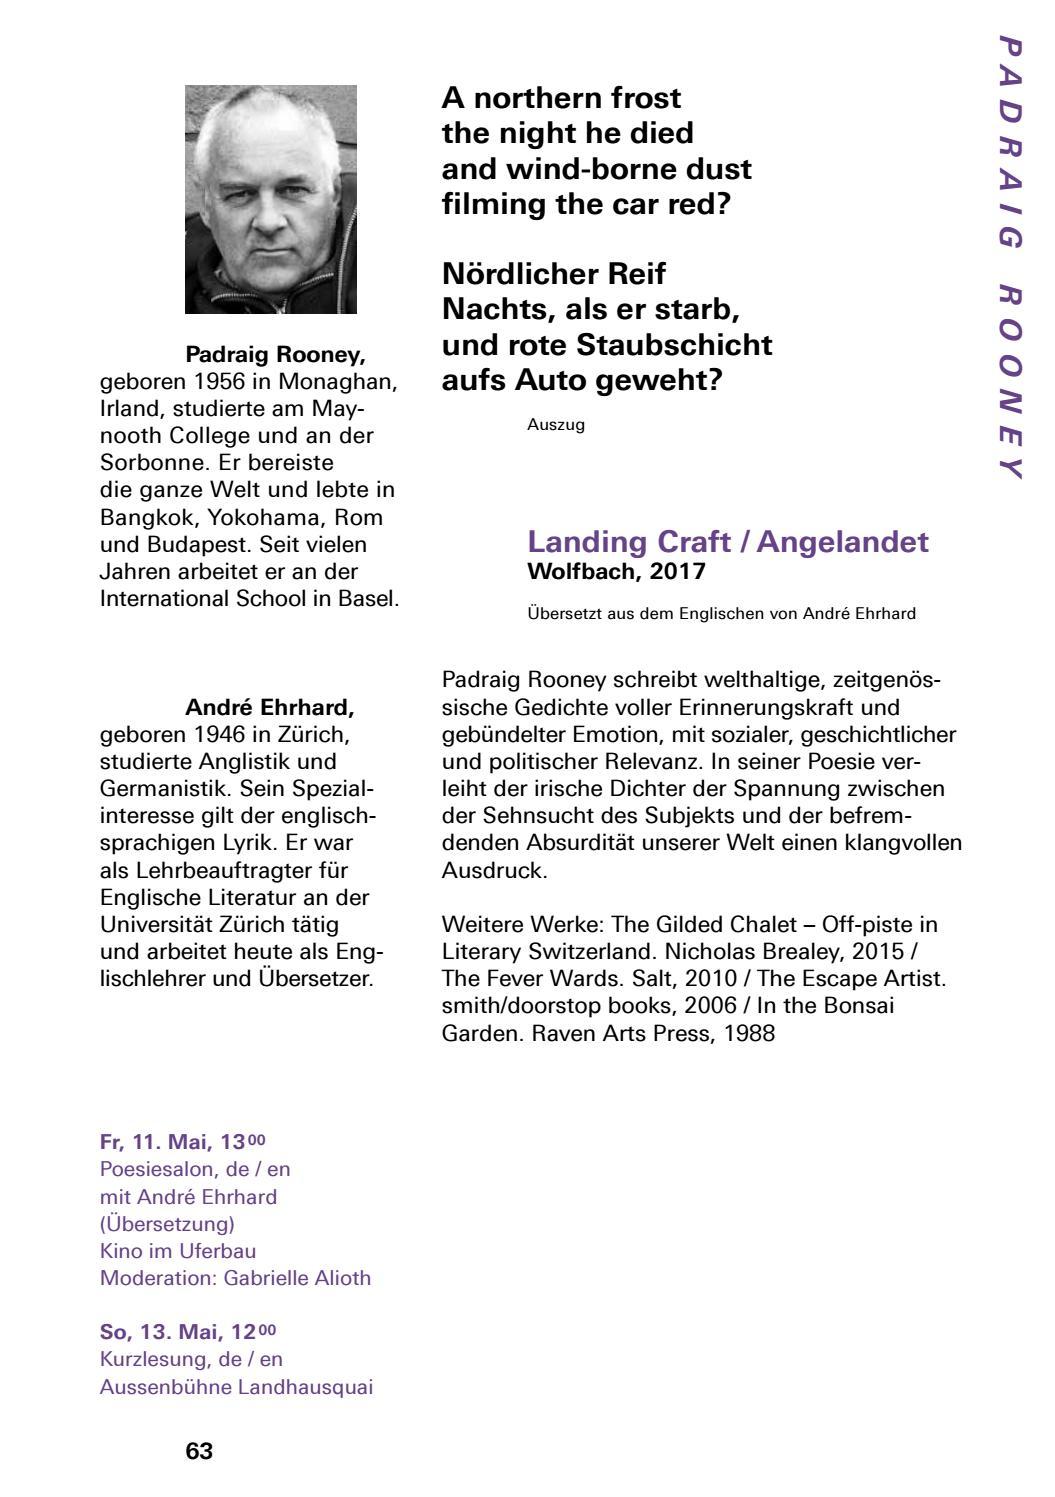 Katalog Der 40 Solothurner Literaturtage By Solothurner